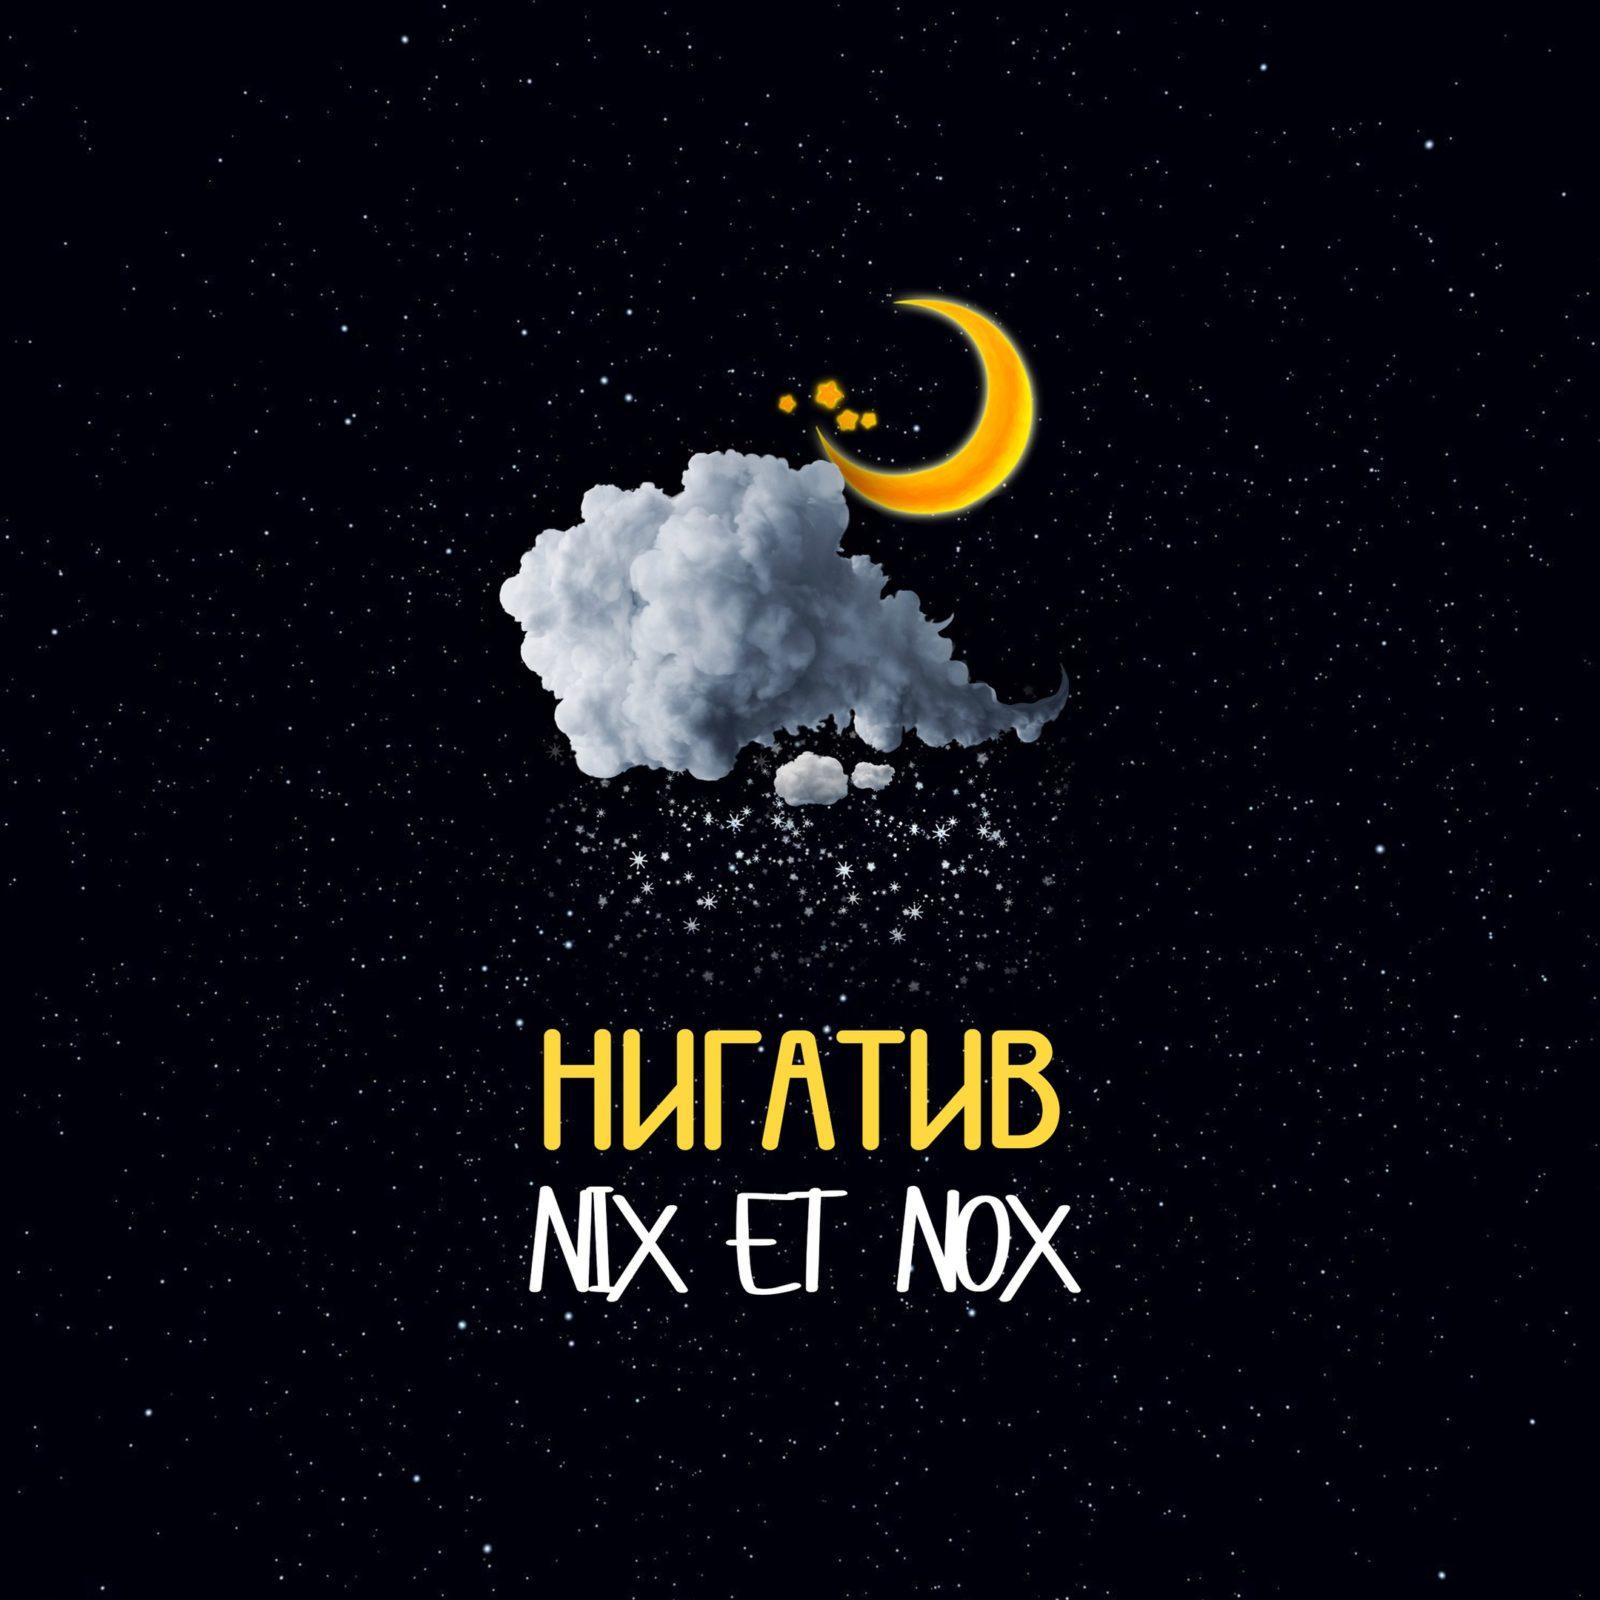 нигатив nix et nox